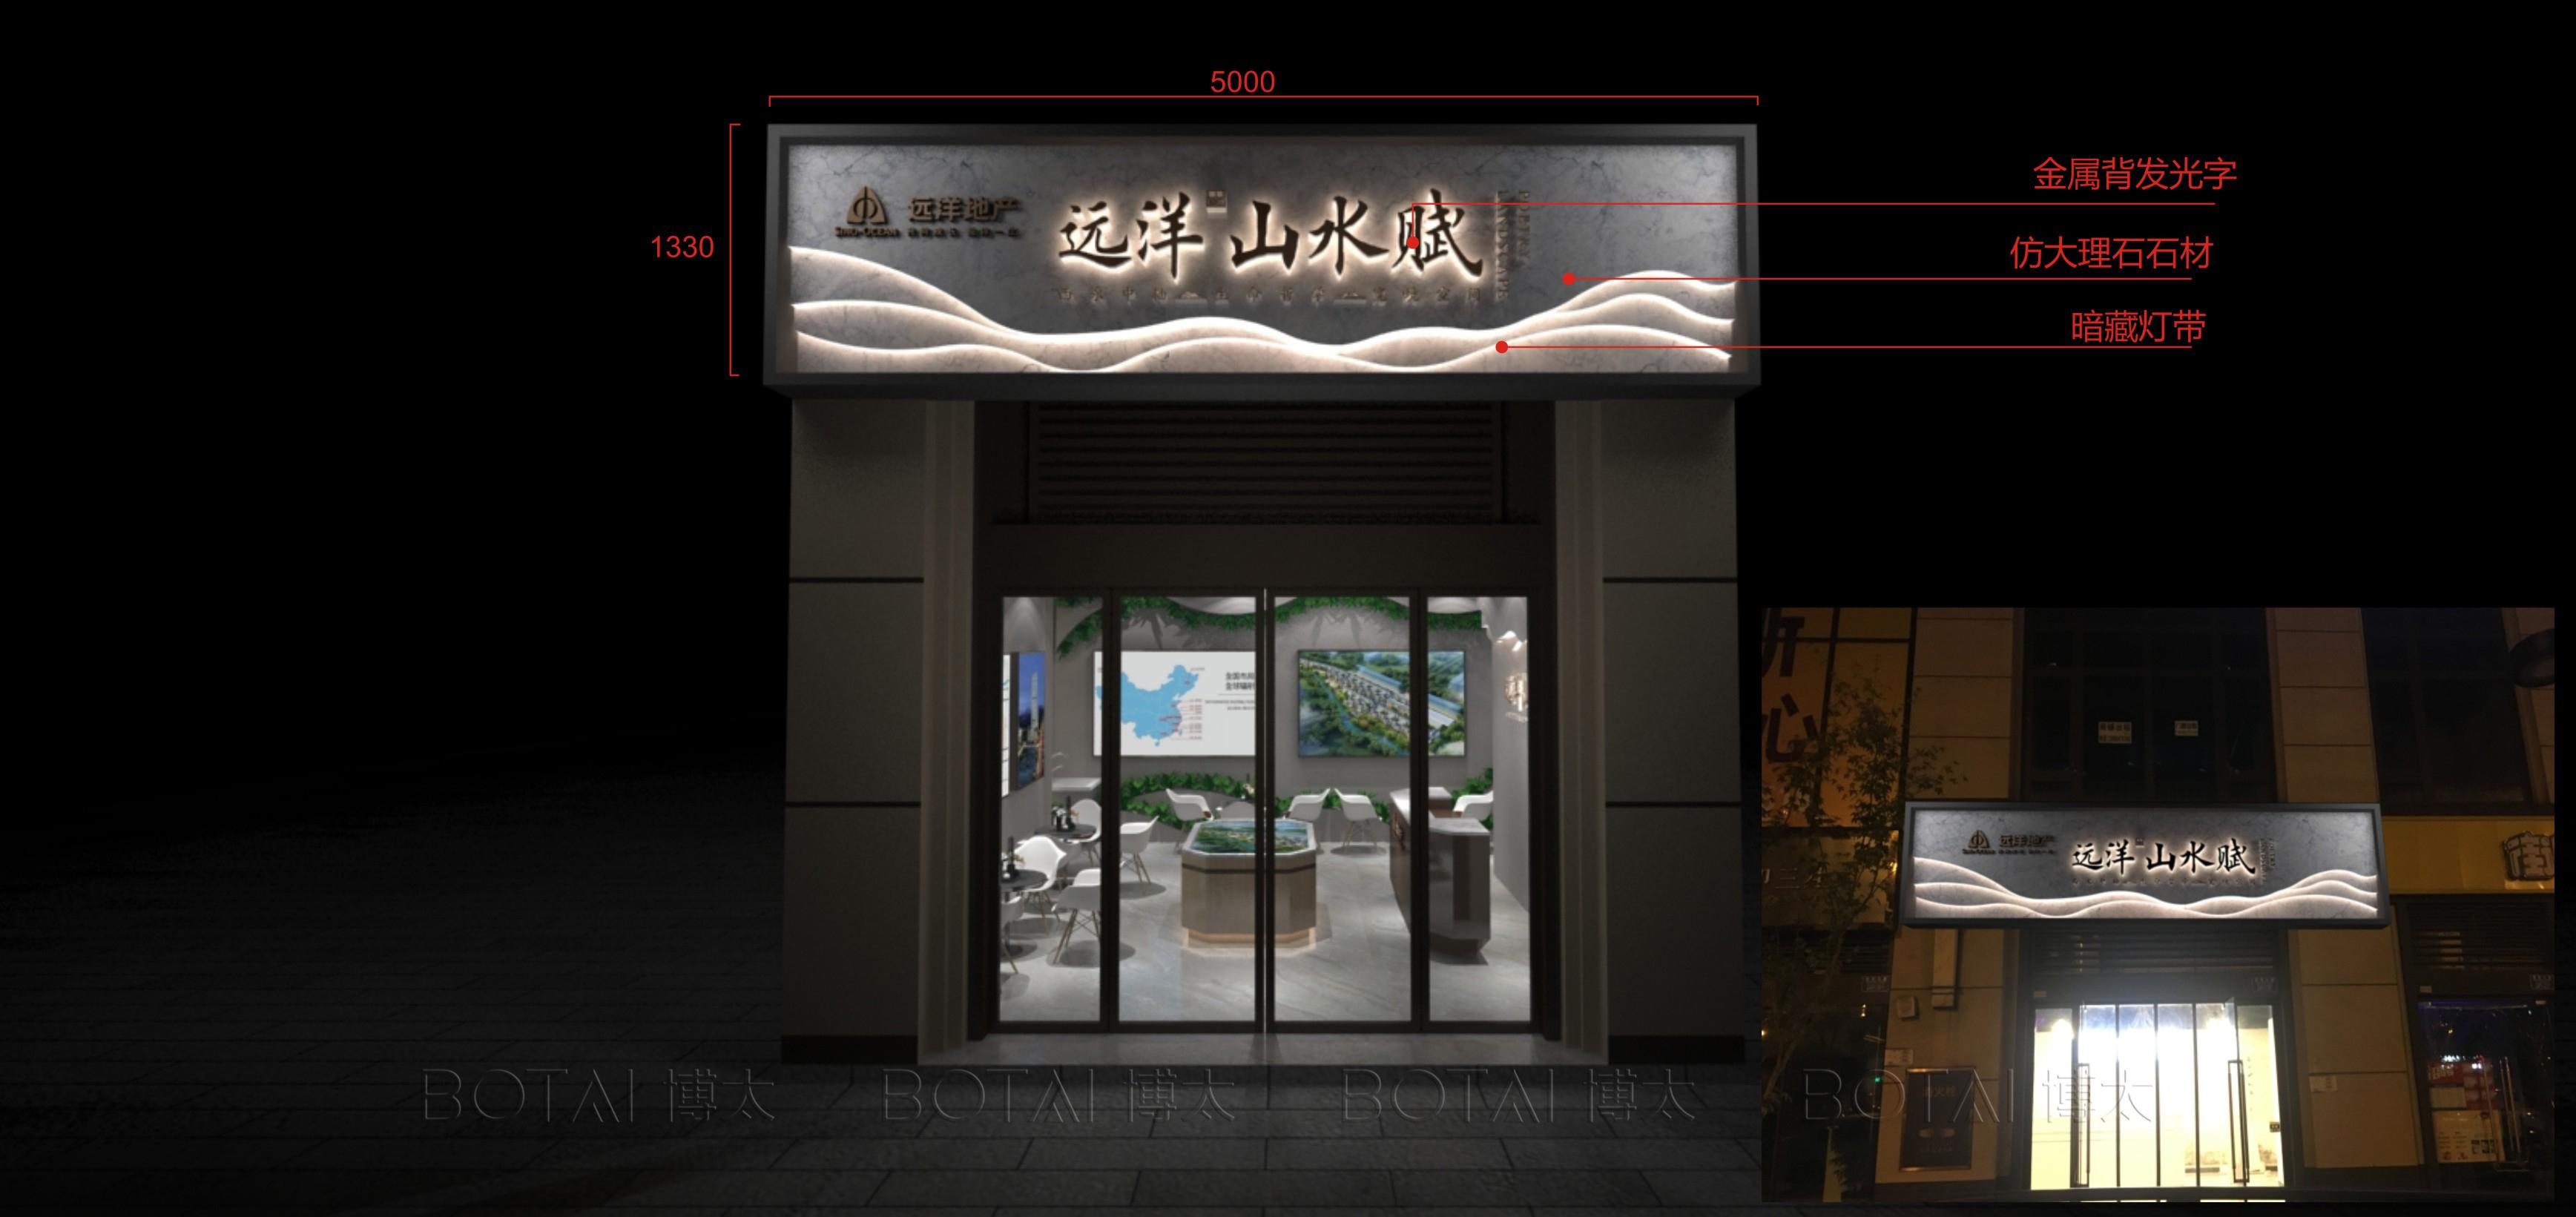 重庆展台设计搭建都有哪些要求?